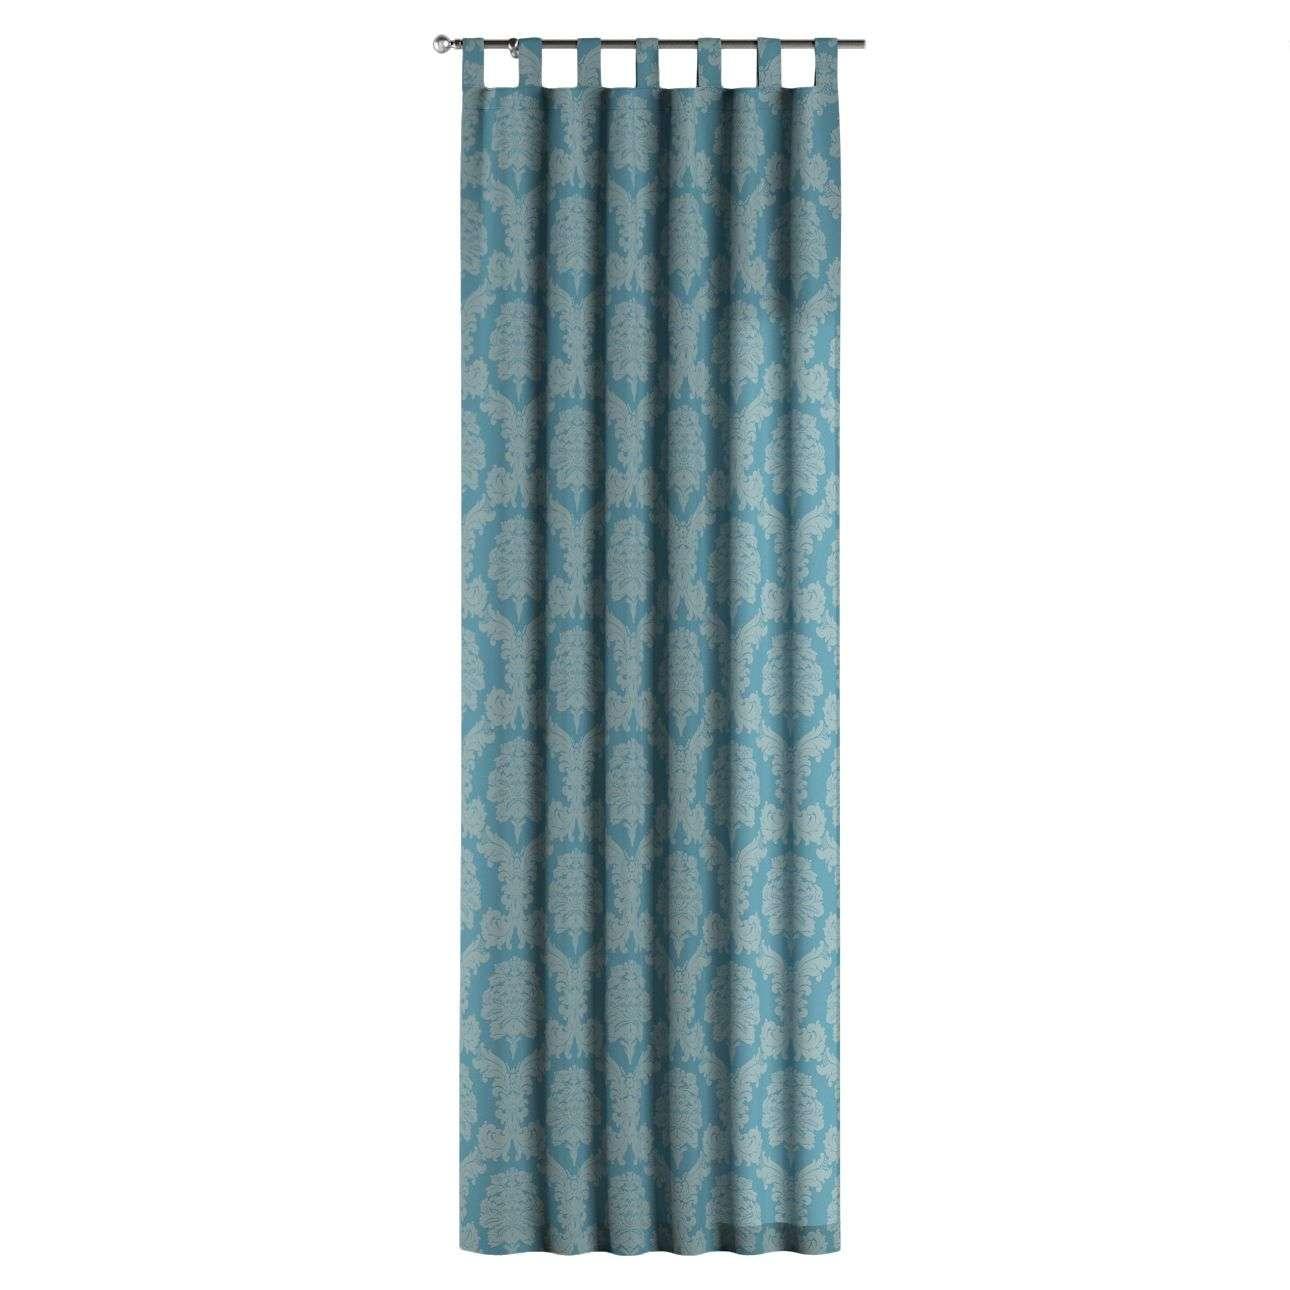 Gardin med hällor 1 längd 130 x 260 cm i kollektionen Damasco, Tyg: 613-67